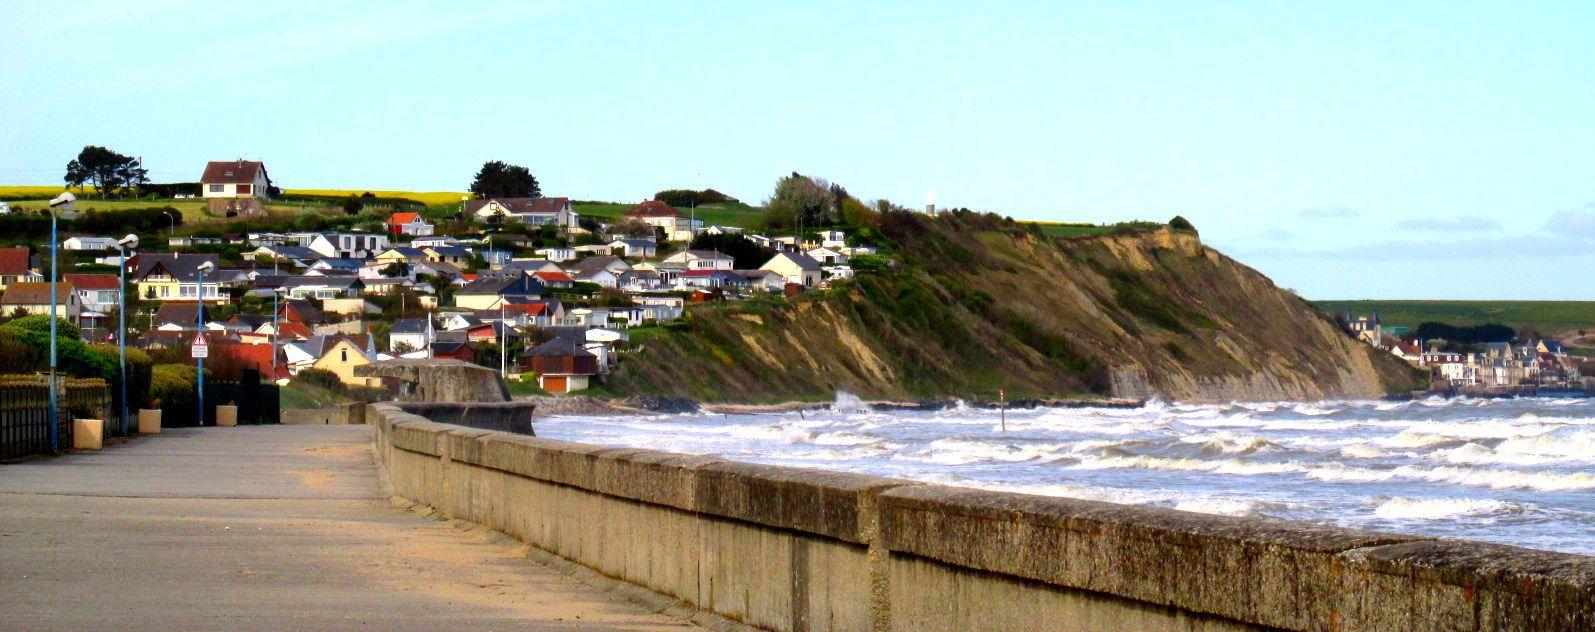 ~ Jour 2 ~ Matinée : A la découverte des faune et flore du littoral ~ Paysage normand ~ La Manche ~